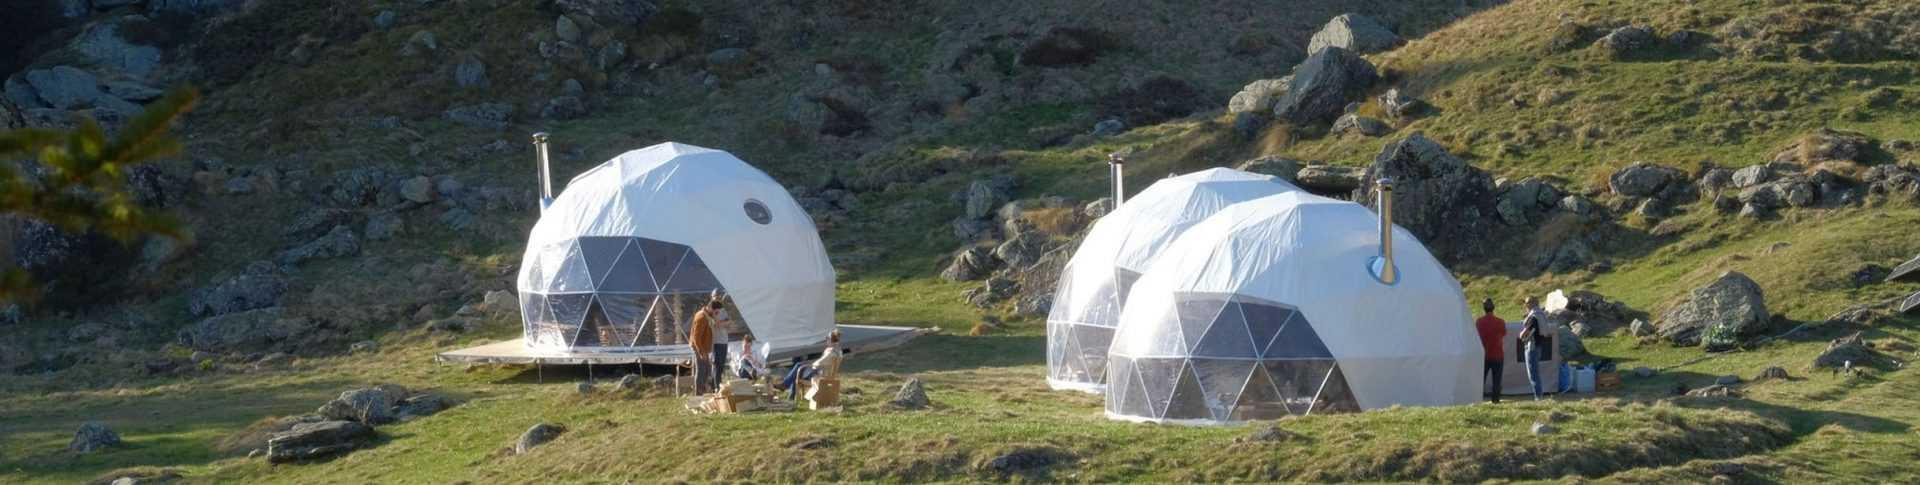 Base Camp Domes